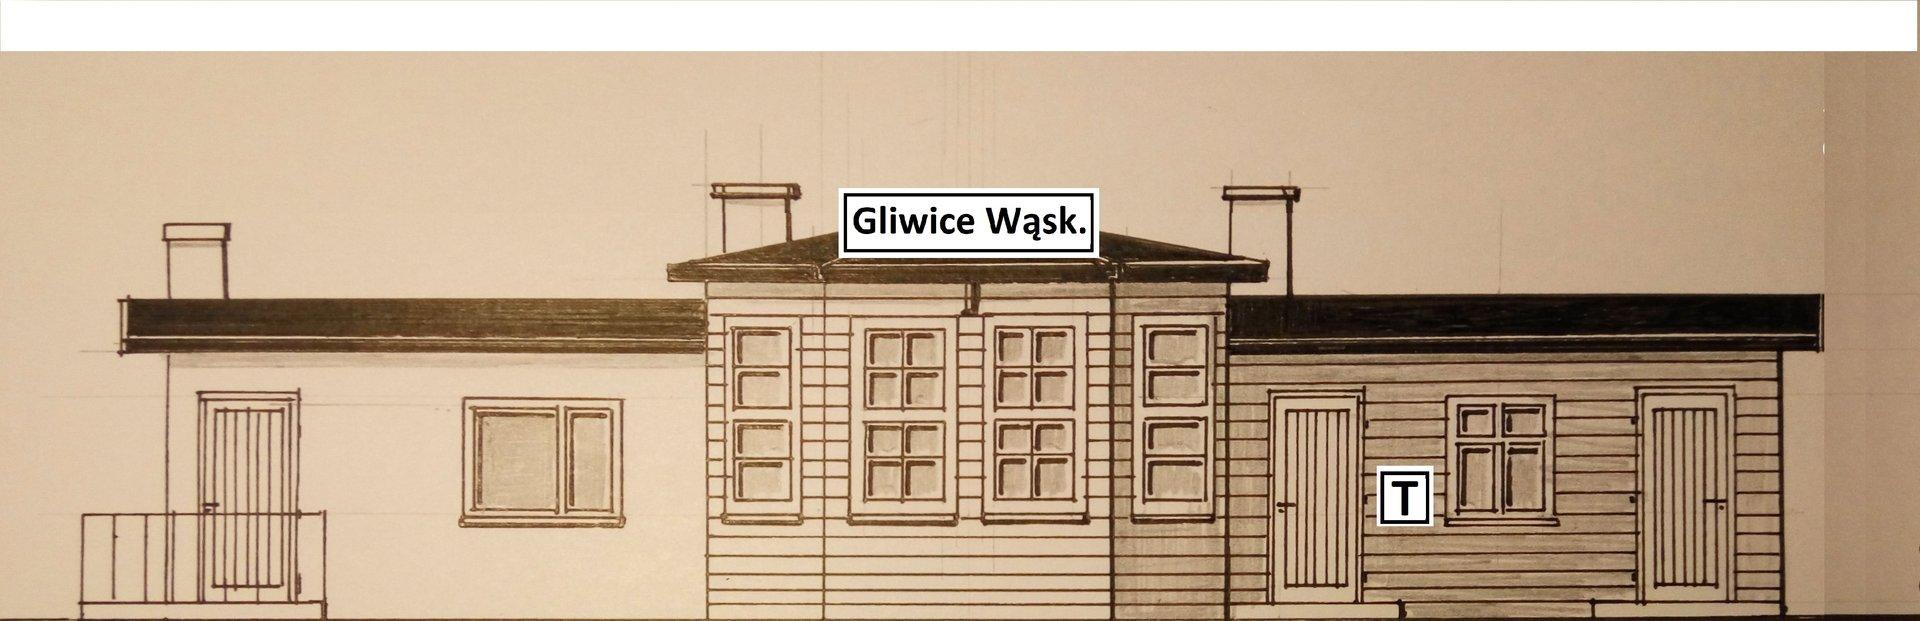 Gliwice Wąsk. 4.jpg